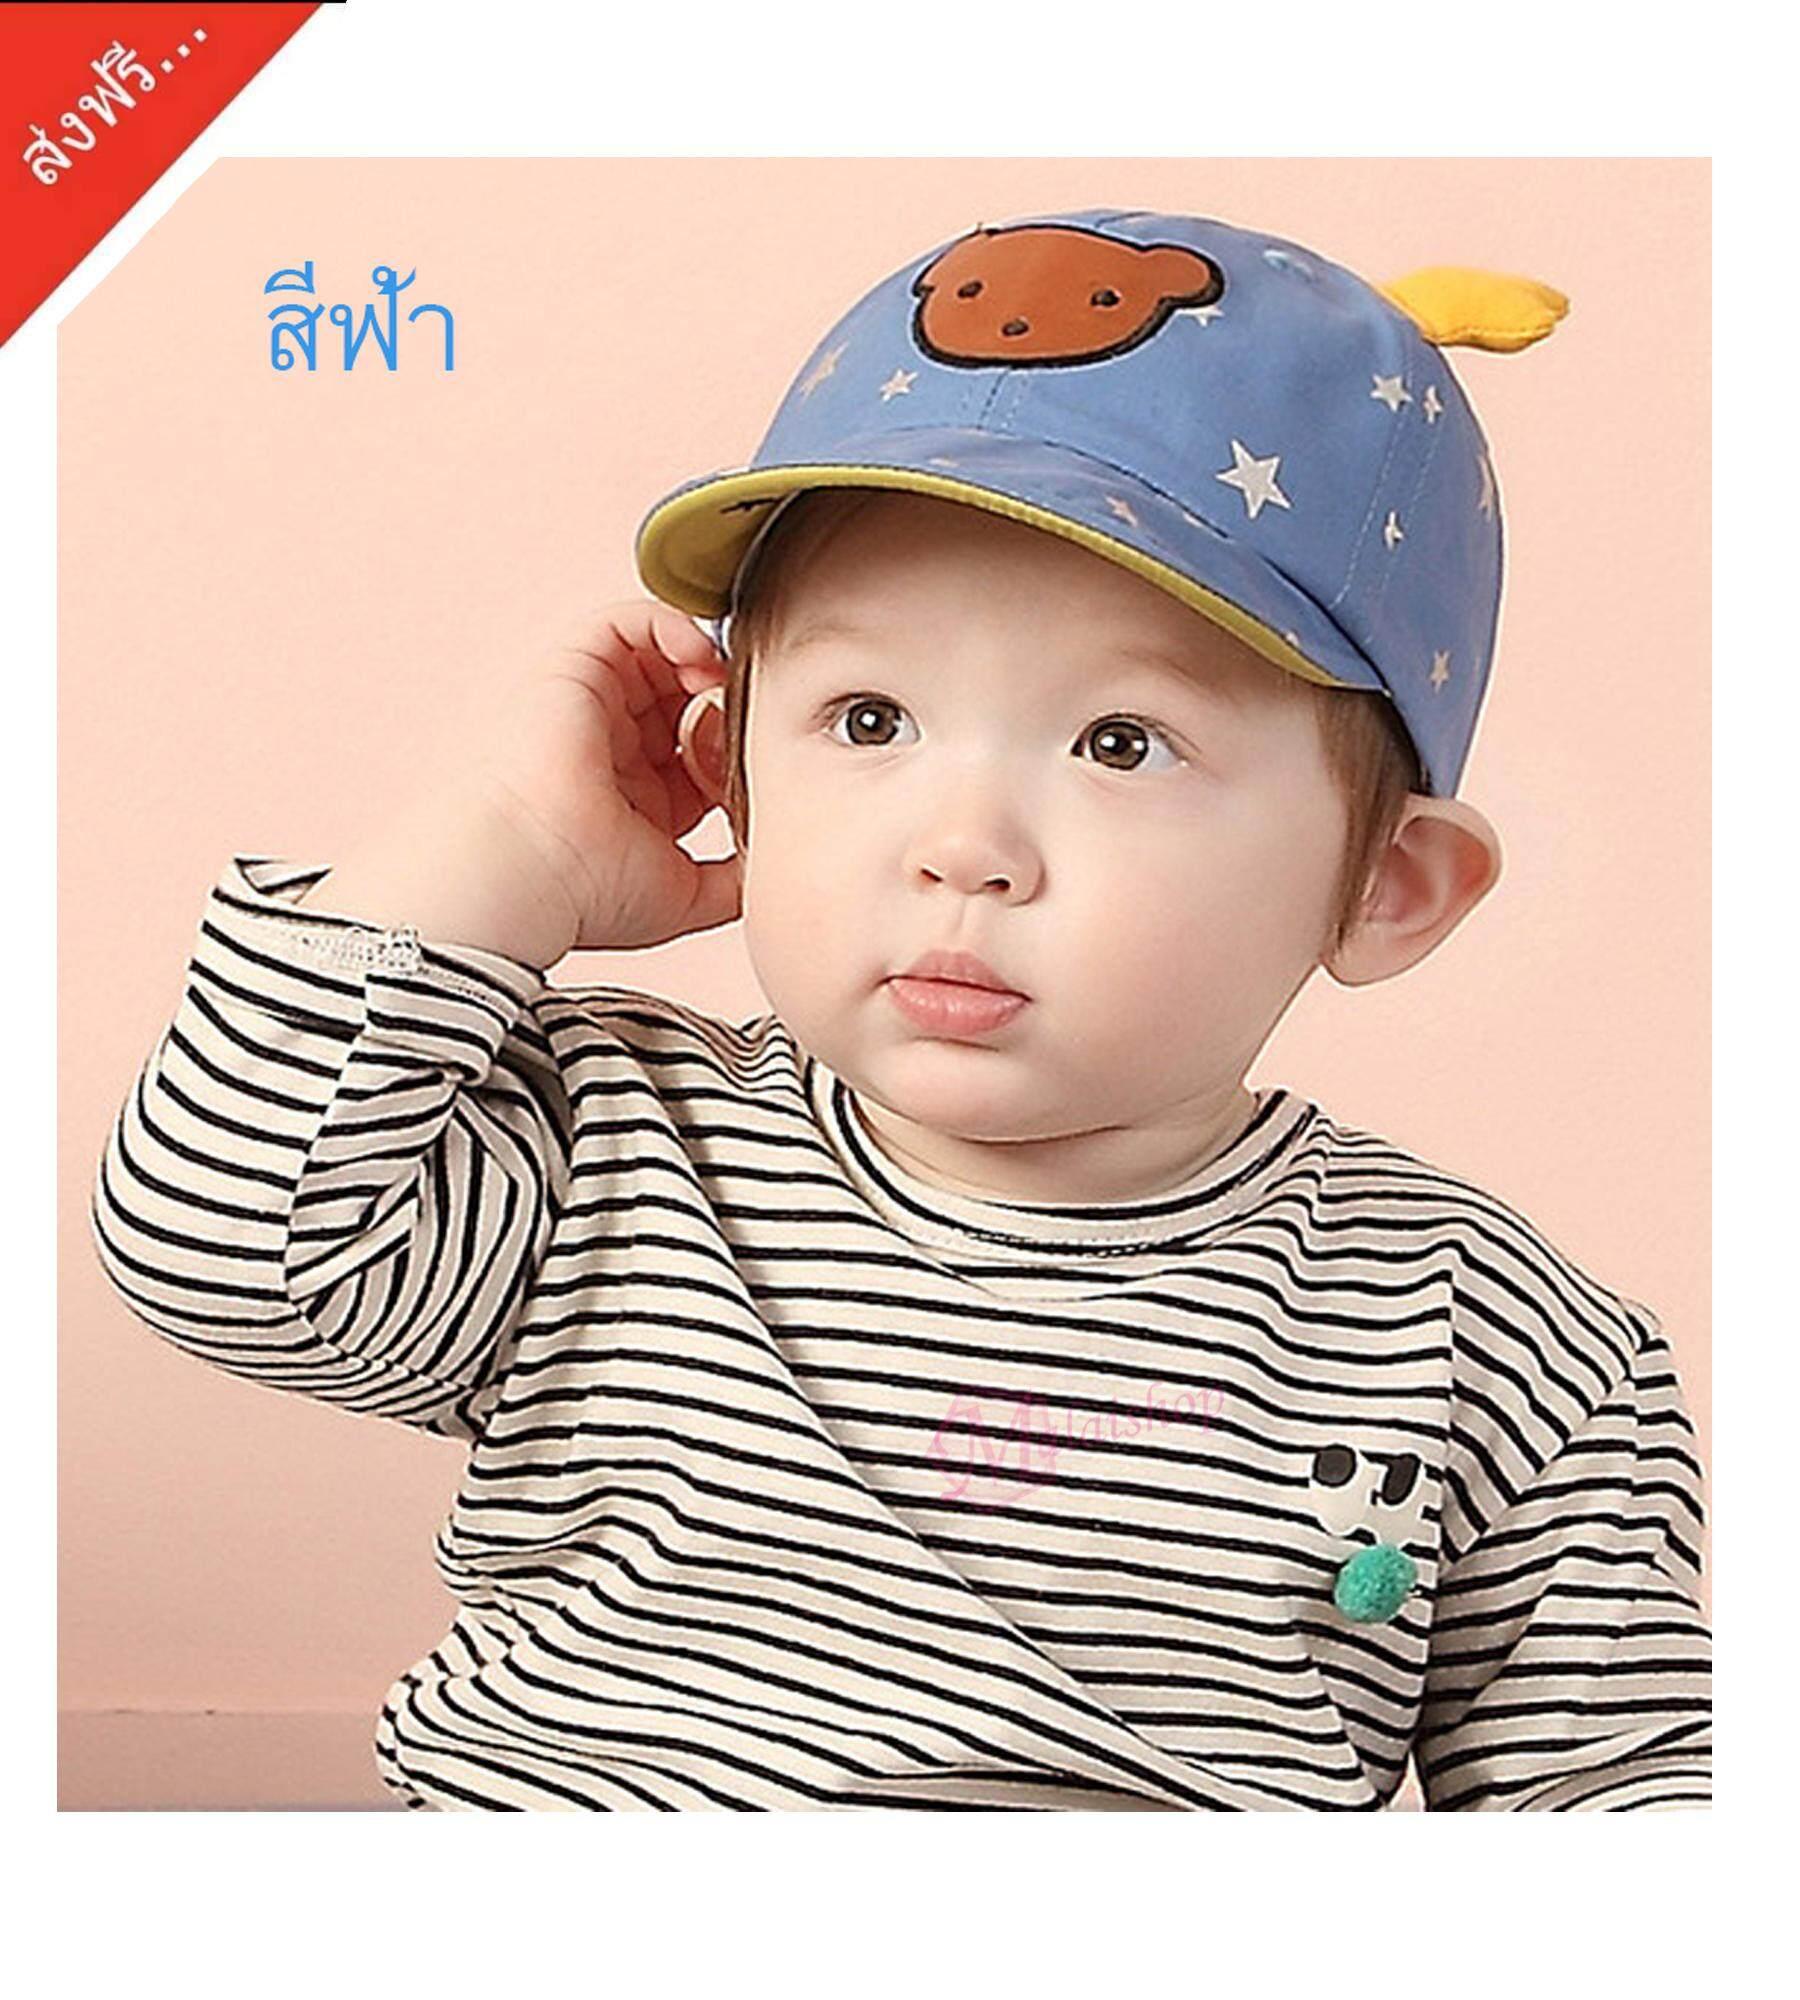 Malaishop หมวกแก็ปเด็ก ลายดาว แต่งหน้ารูปน้องหมี.